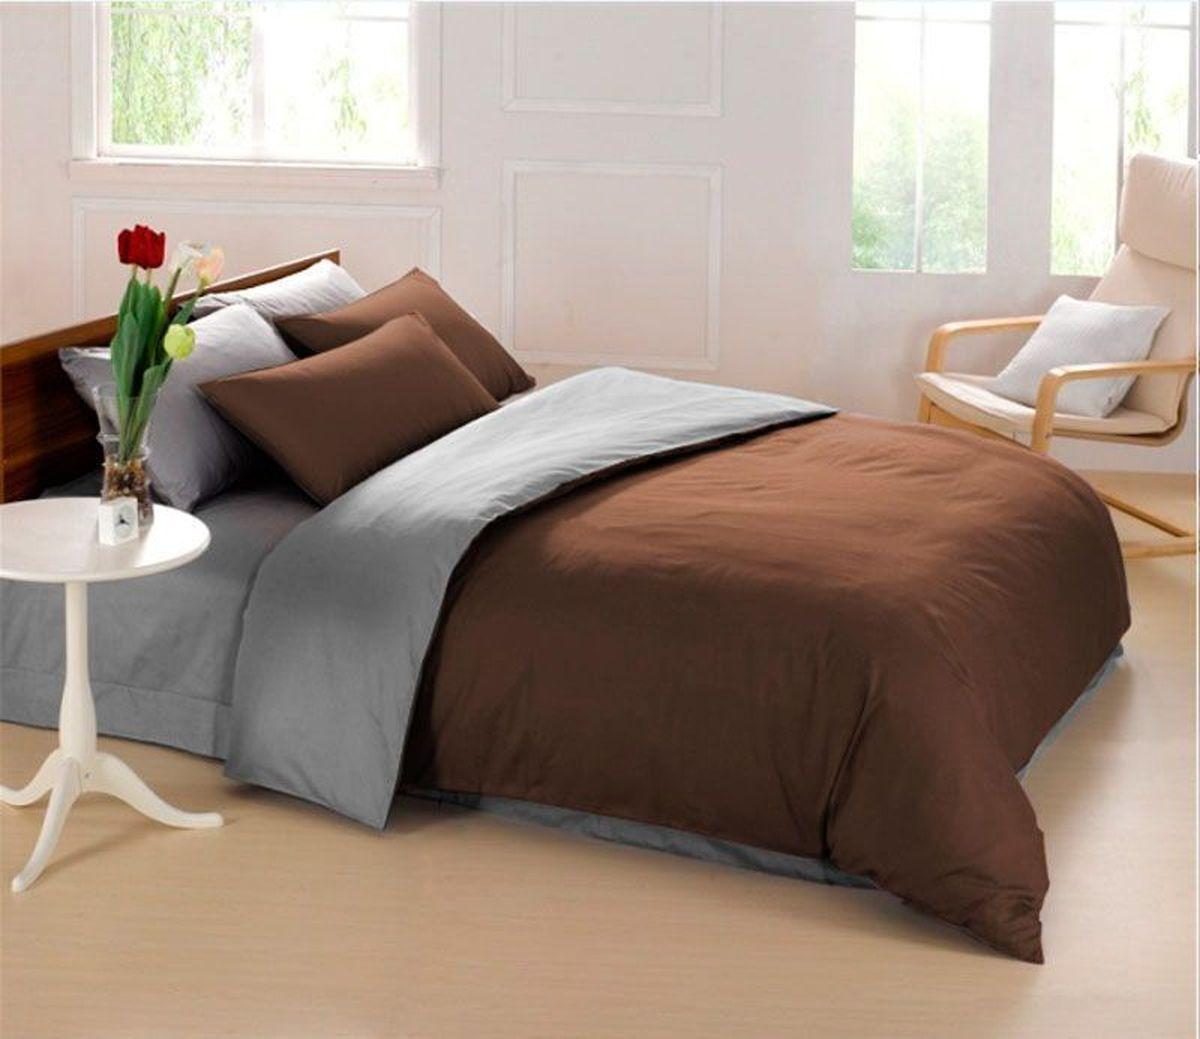 Комплект белья Sleep iX Perfection, семейный, наволочки 50х70, 70х70,цвет: темно-коричневый, серый83336Комплект постельного белья Sleep iX Perfection состоит из двух пододеяльников, простыни и четырех наволочек. Предметы комплекта выполнены из абсолютно гипоаллергенной микрофибры, неприхотливой в уходе.Благодаря такому комплекту постельного белья вы сможете создать атмосферу уюта и комфорта в вашей спальне.Известно, что цвет напрямую воздействует на психологическое и физическое состояние человека. Коричневый - спокойный и сдержанный цвет. Вызывает ощущение тепла, способствует созданию спокойного мягкого настроения. Это цвет надежности, прочности, здравого смысла.Серый – нейтральный цвет. Расслабляет, помогает успокоиться и способствует здоровому сну. Усиливает воздействие соседствующих цветов.